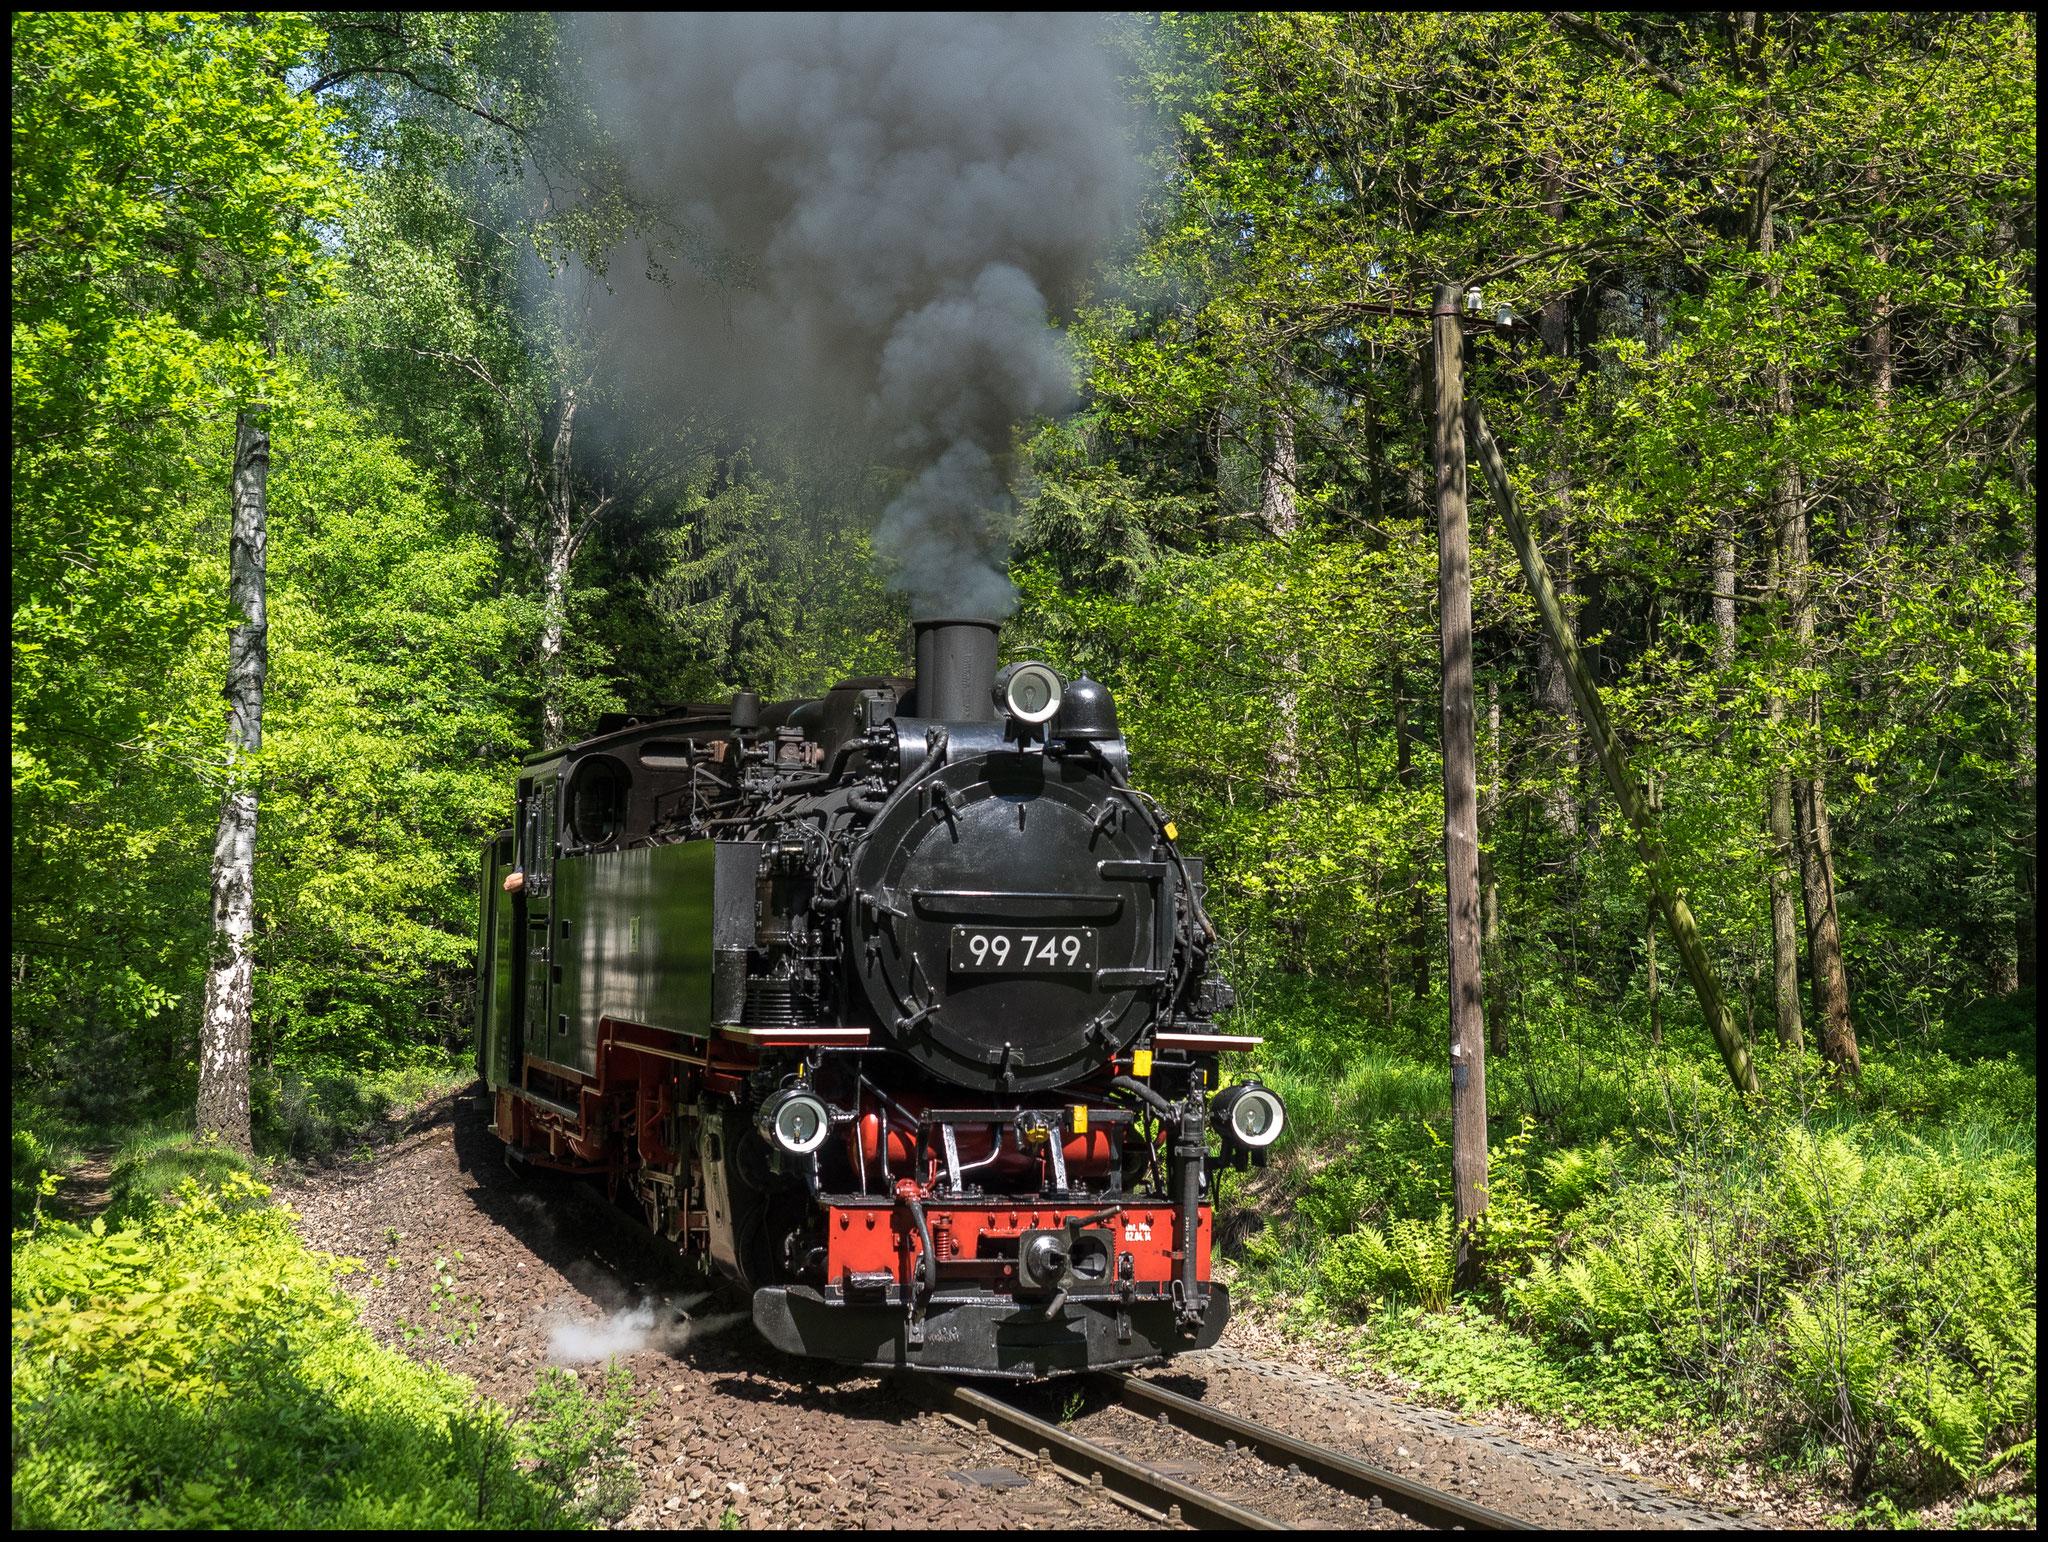 99 749 erklimmt die Steigung nach Jonsdorf